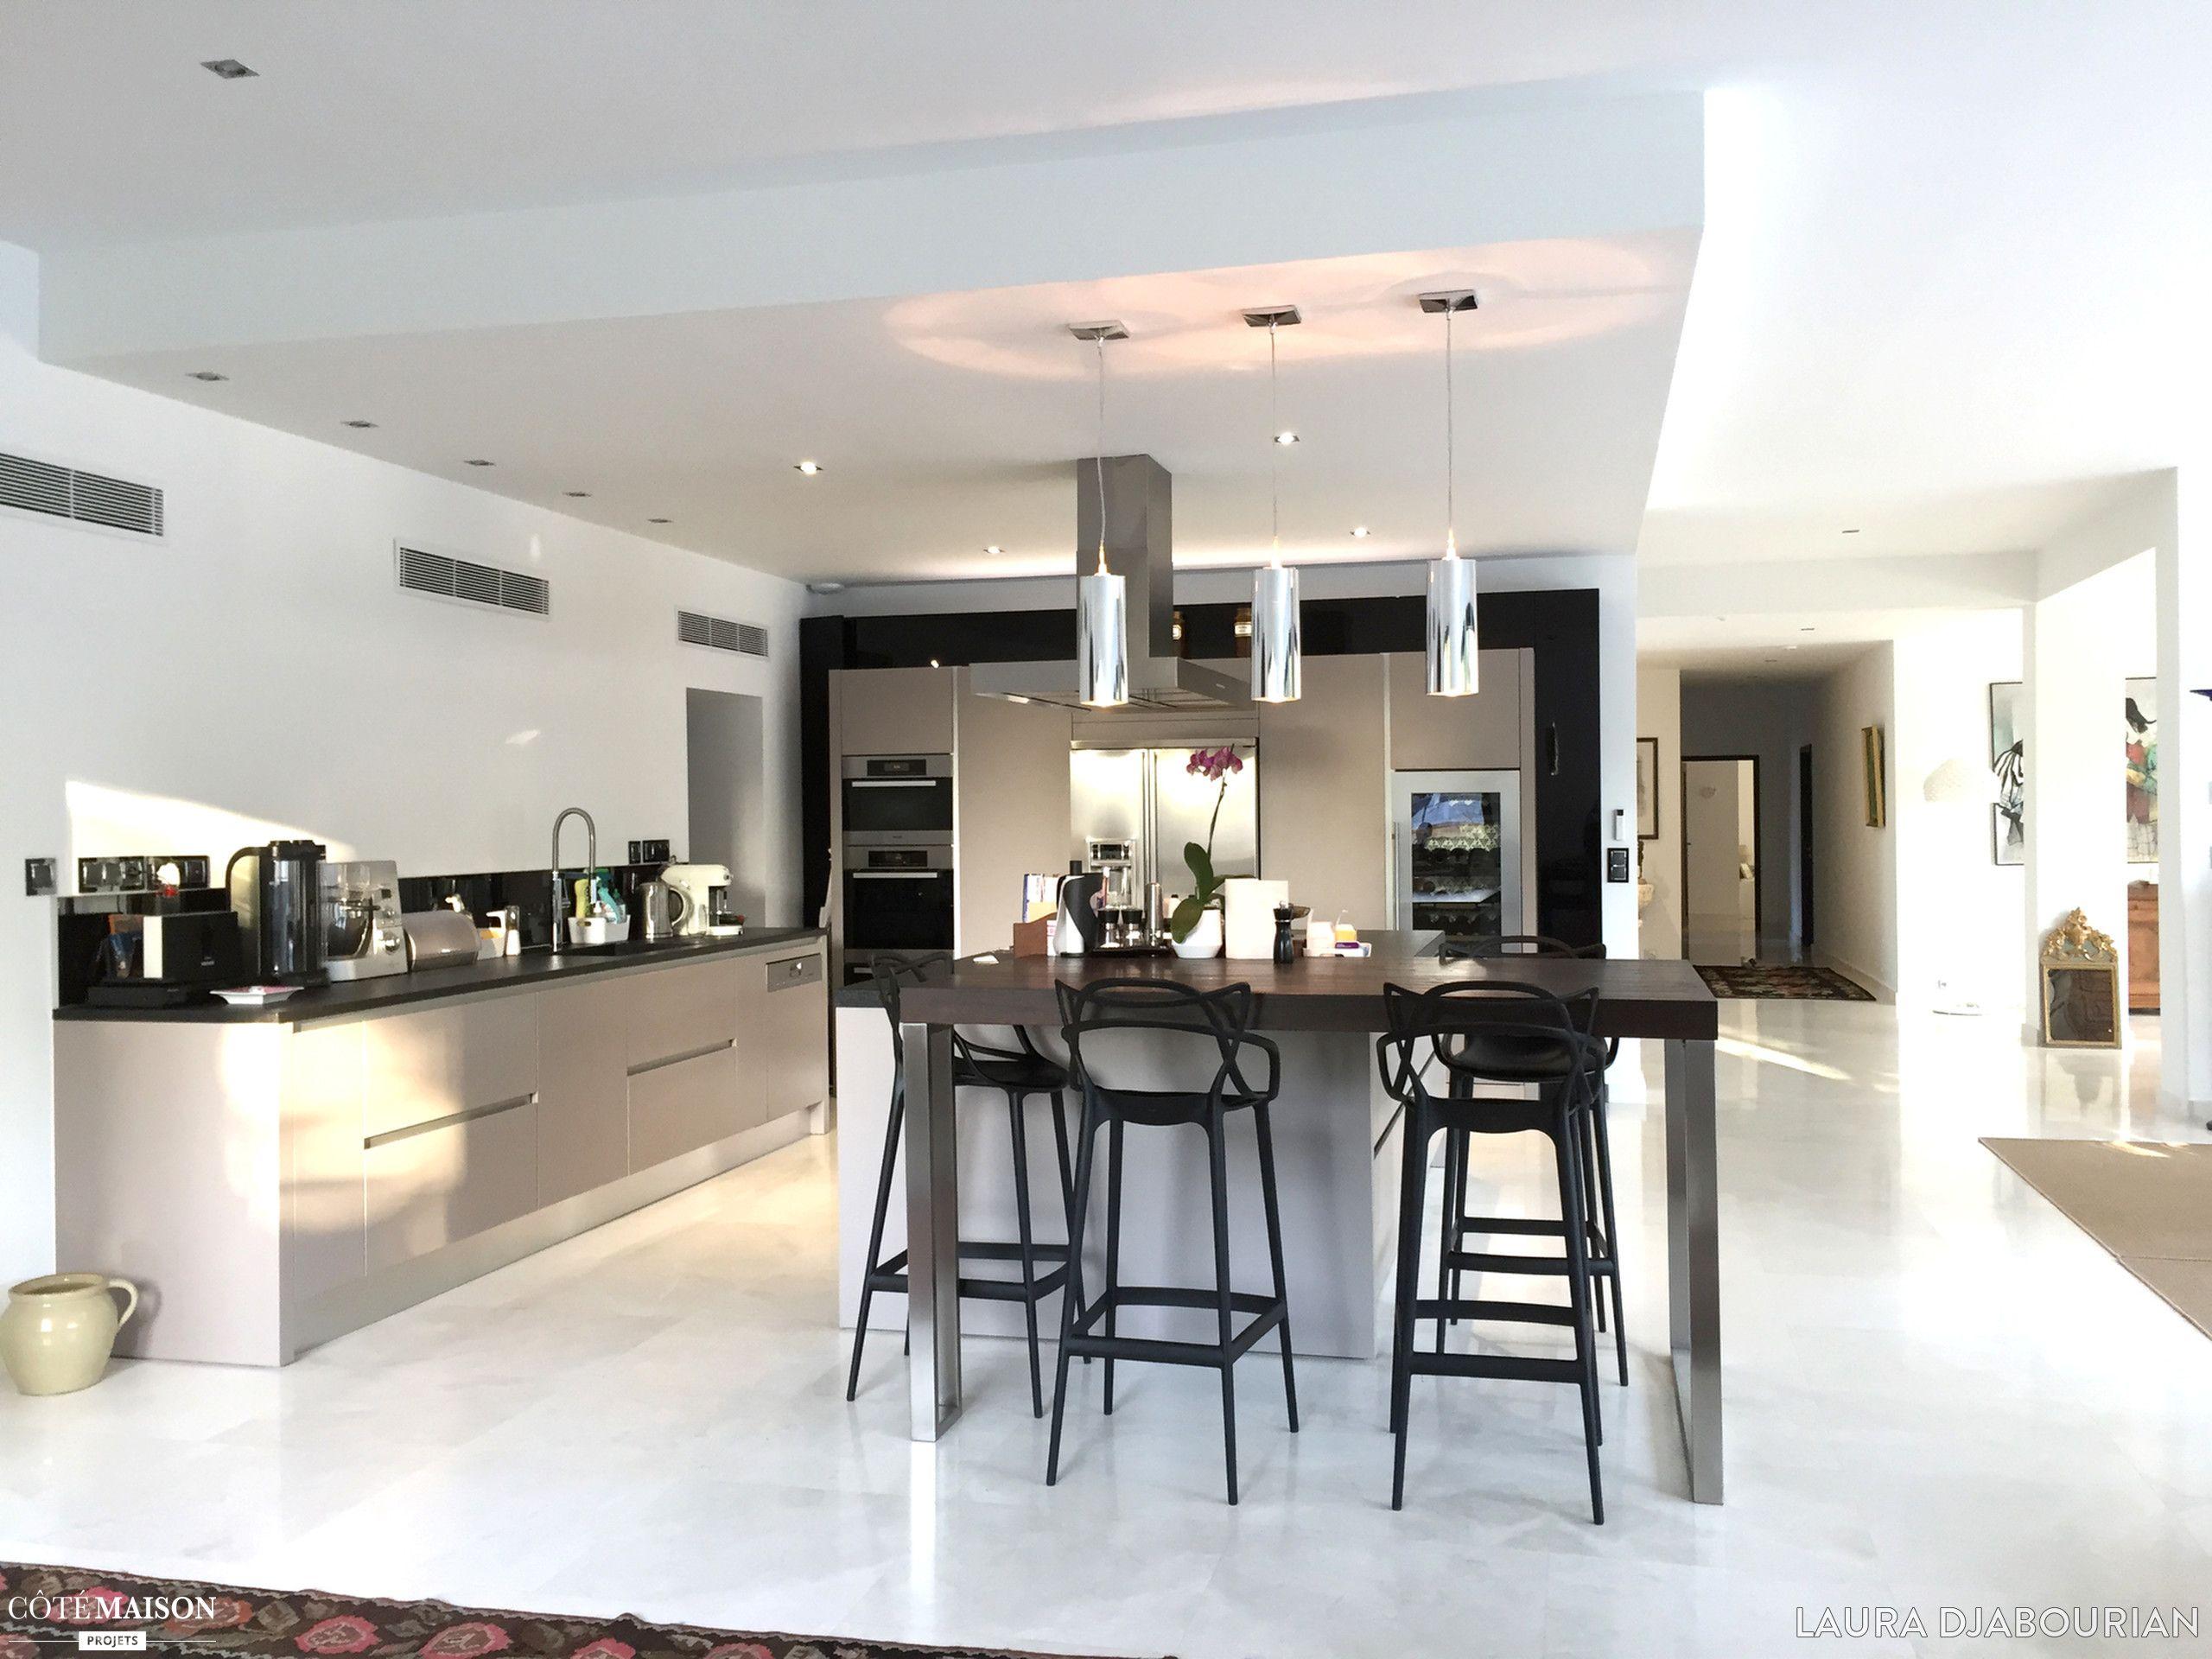 agencement d coration d 39 une maison saint tienne laura. Black Bedroom Furniture Sets. Home Design Ideas